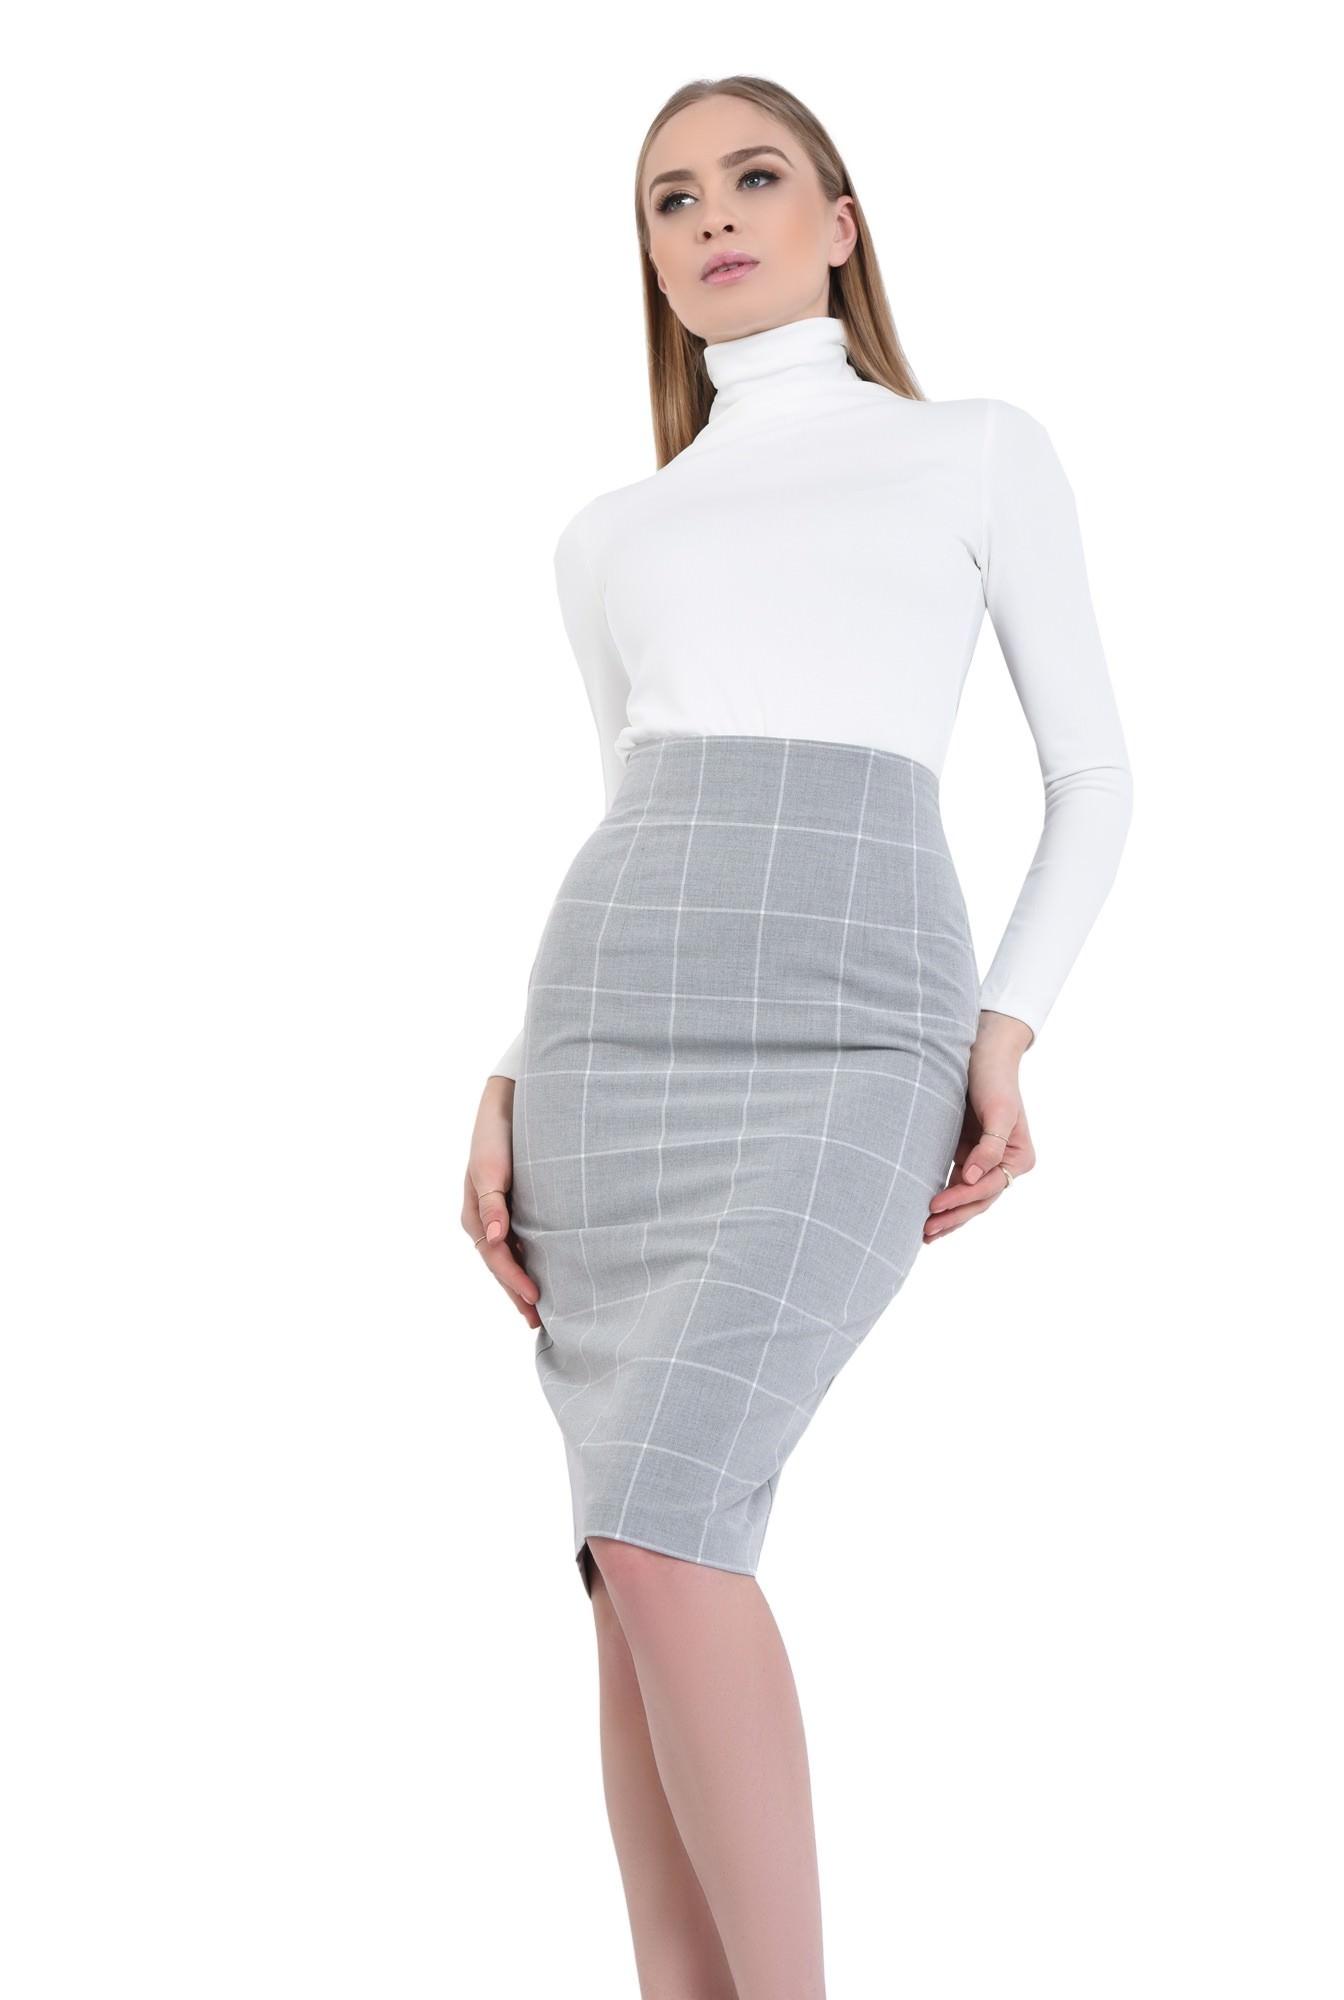 0 - Bluza casual, alb, maneci lungi